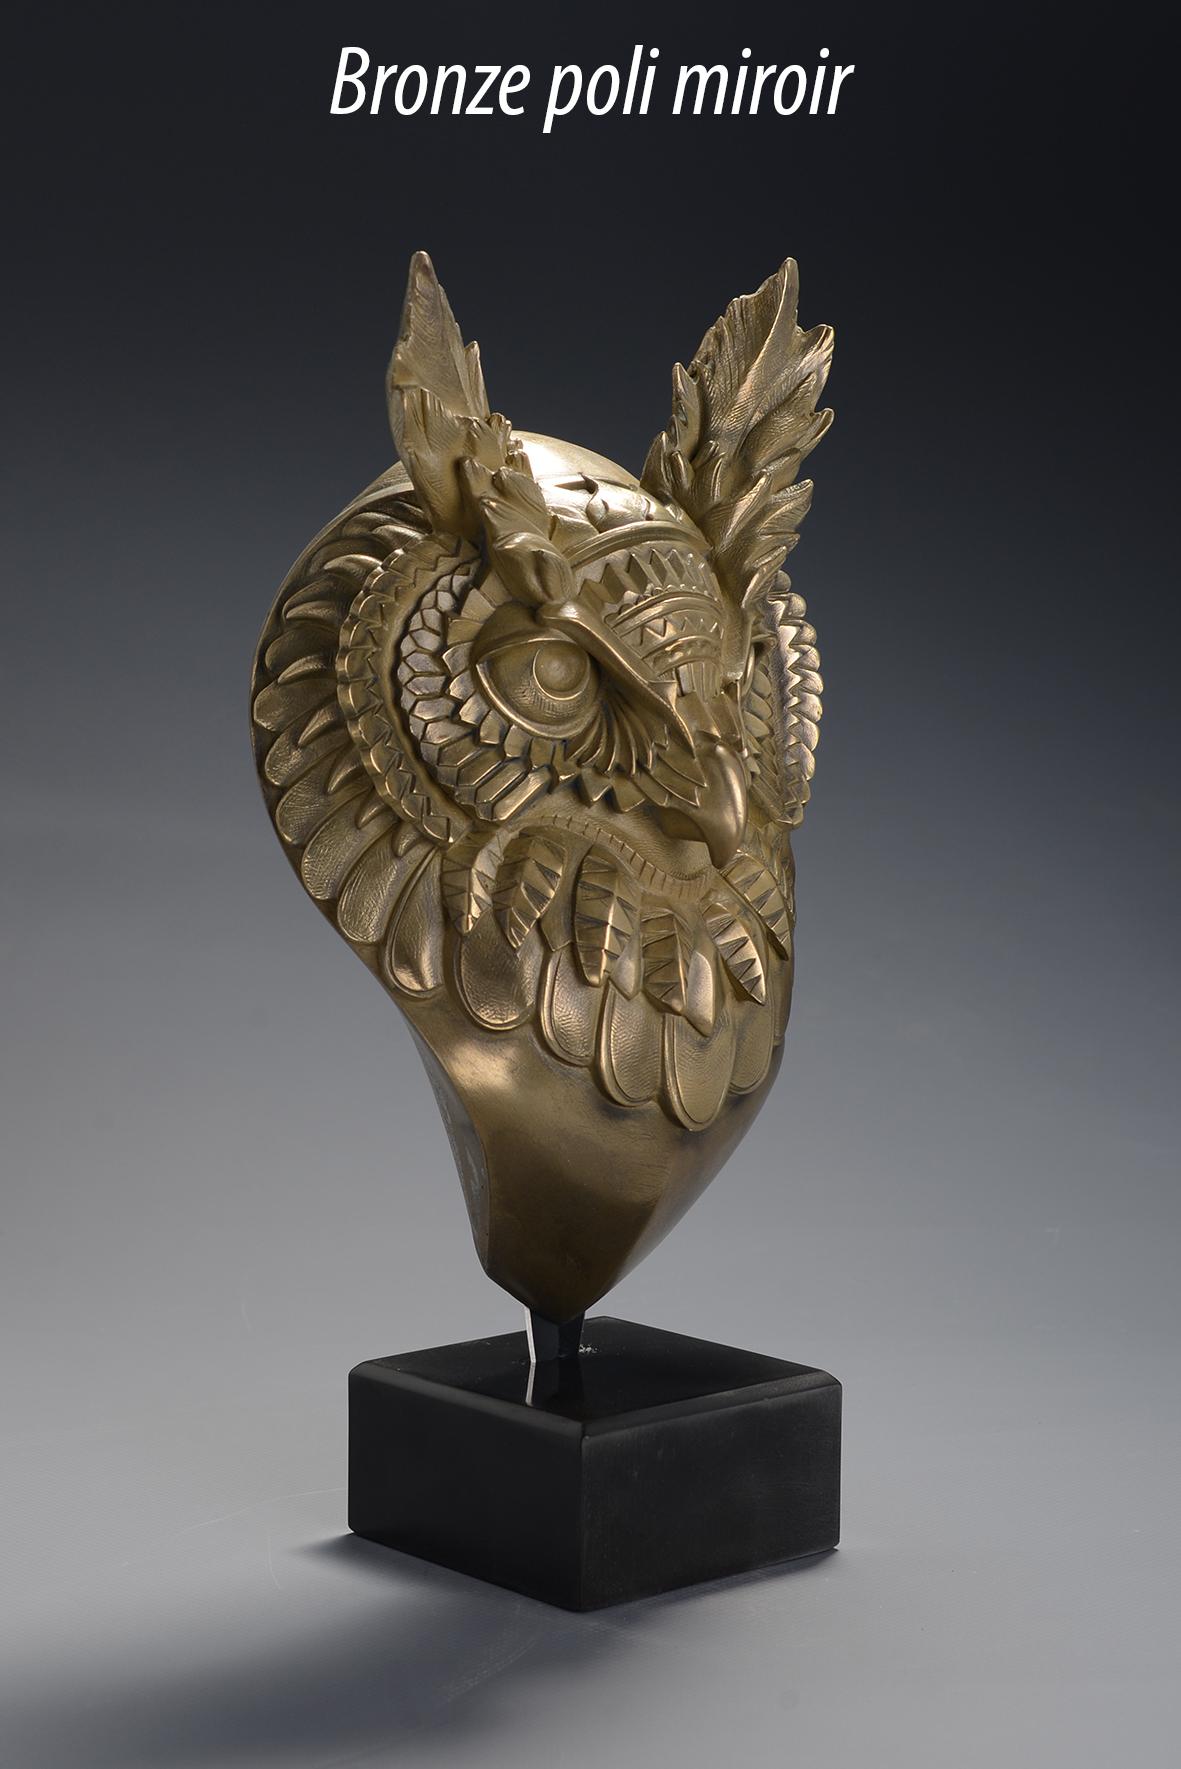 Hibou Bioworkz bronze poli miroir